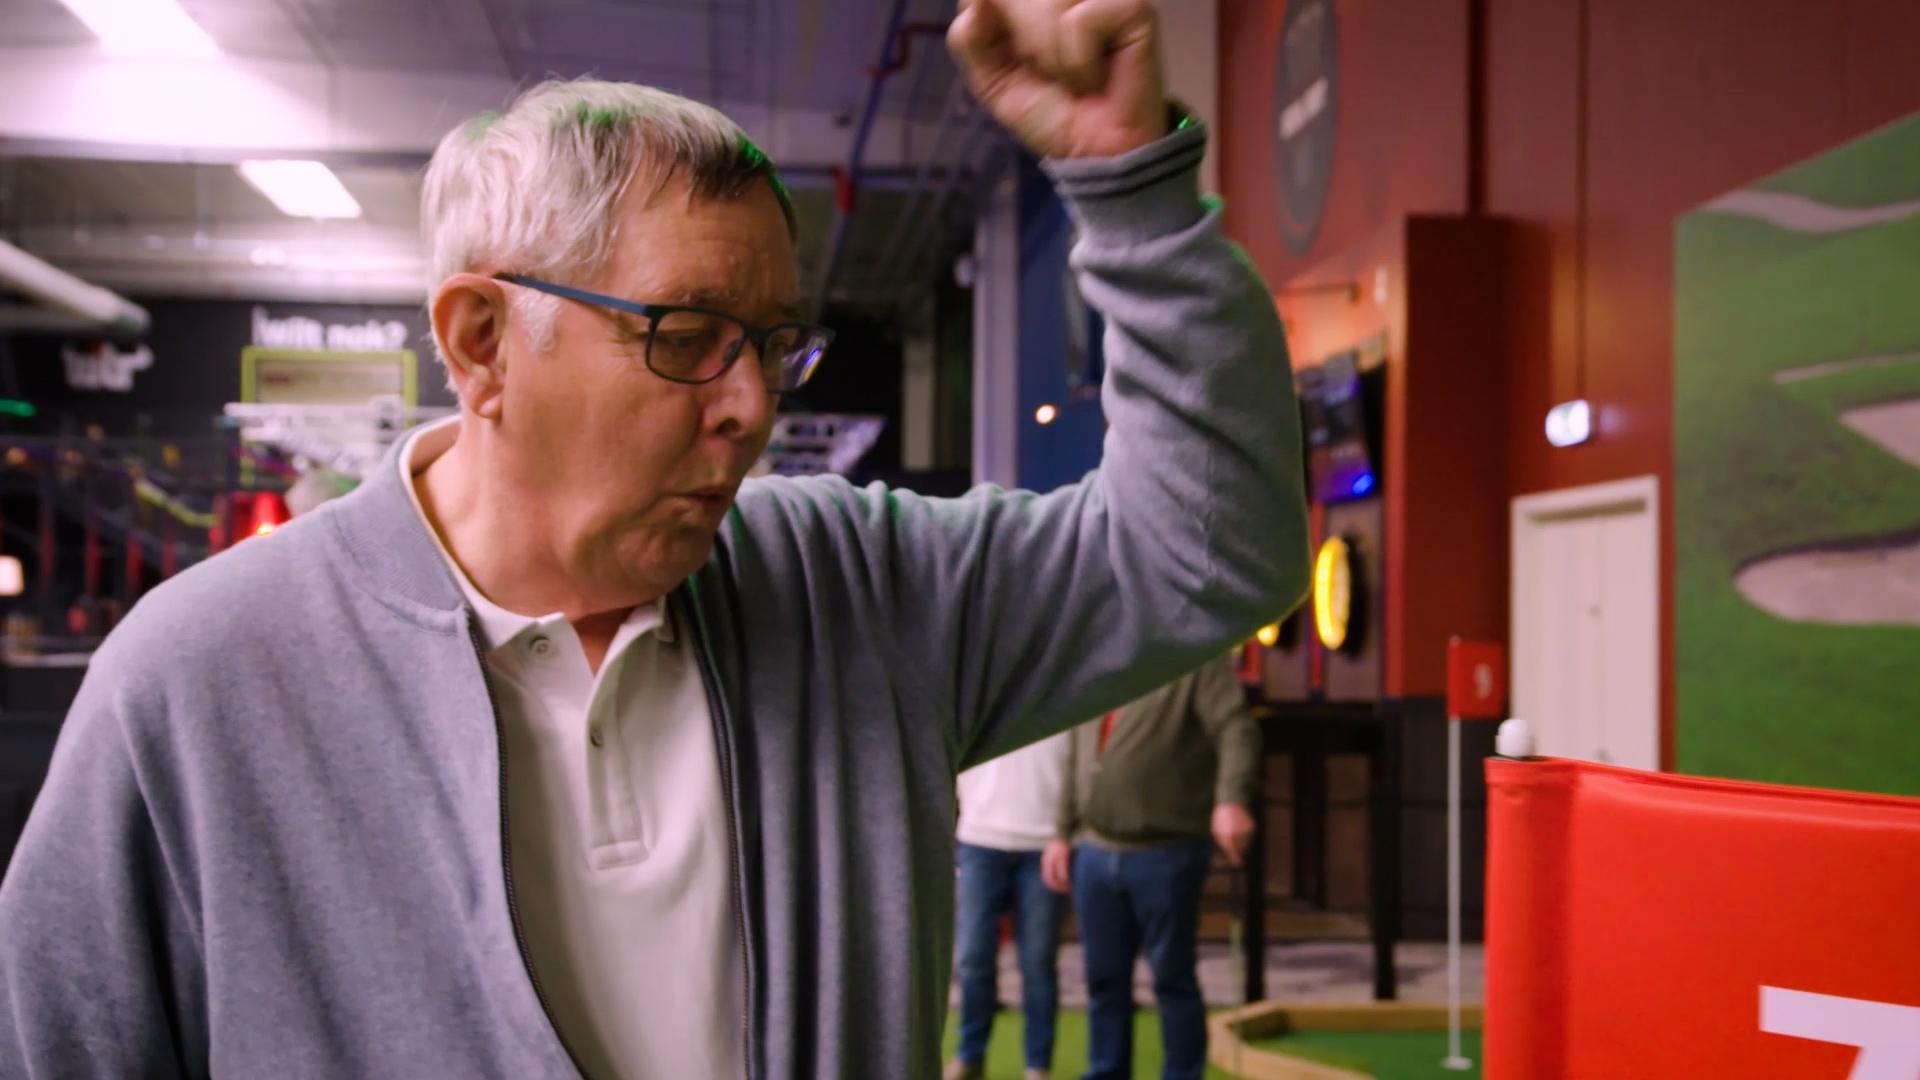 Fællesskab og masser af sjov: Helt ny seniorklub åbner i Maximum